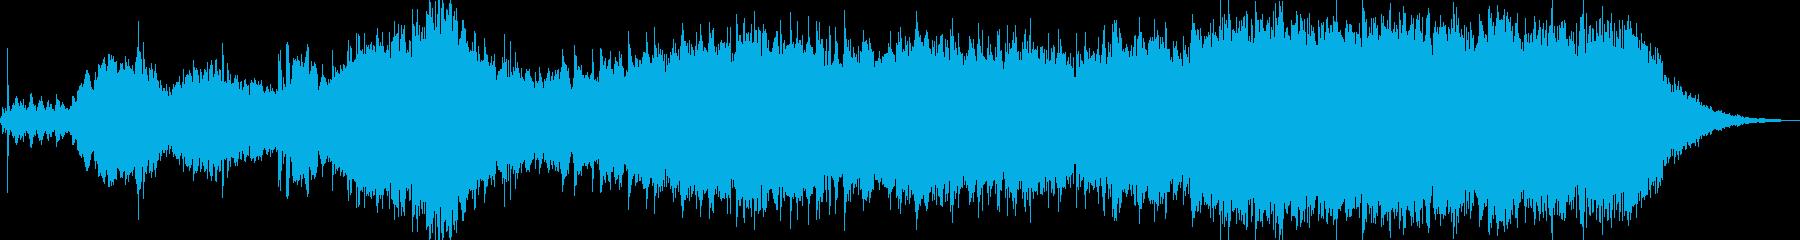 不気味な雰囲気のホラー曲の再生済みの波形